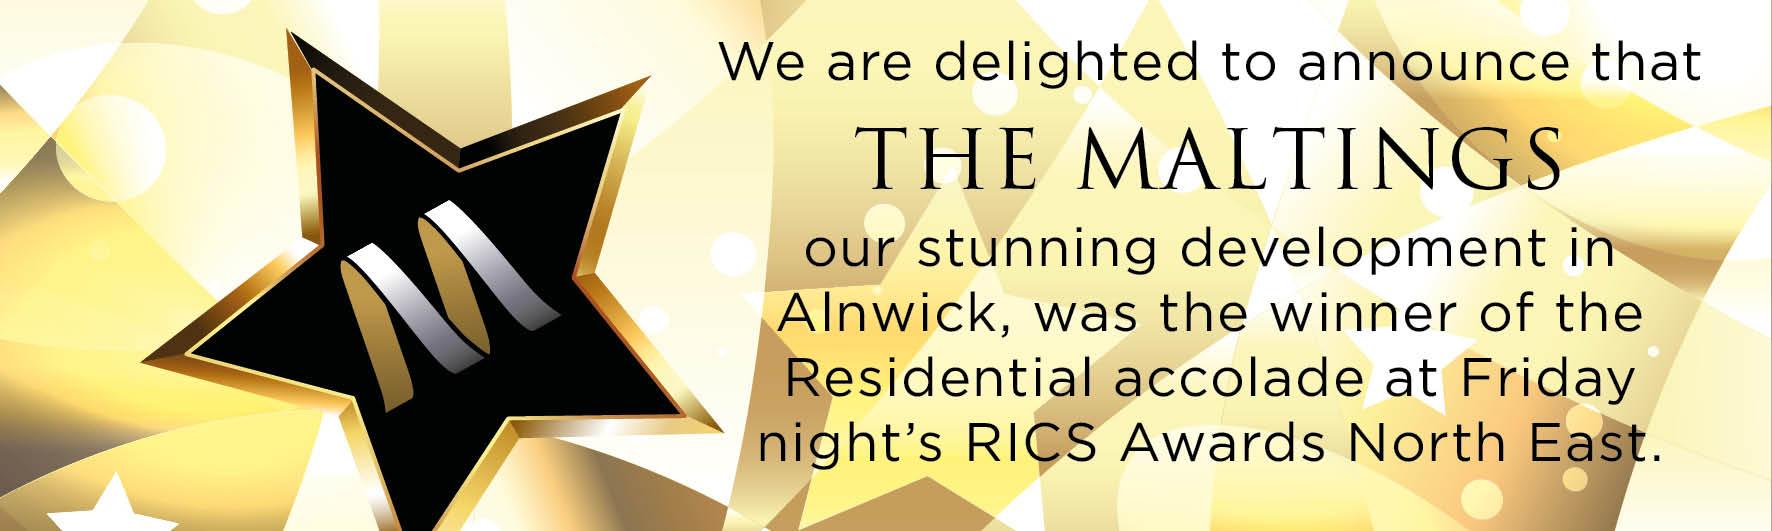 maltings_rics_award.jpg